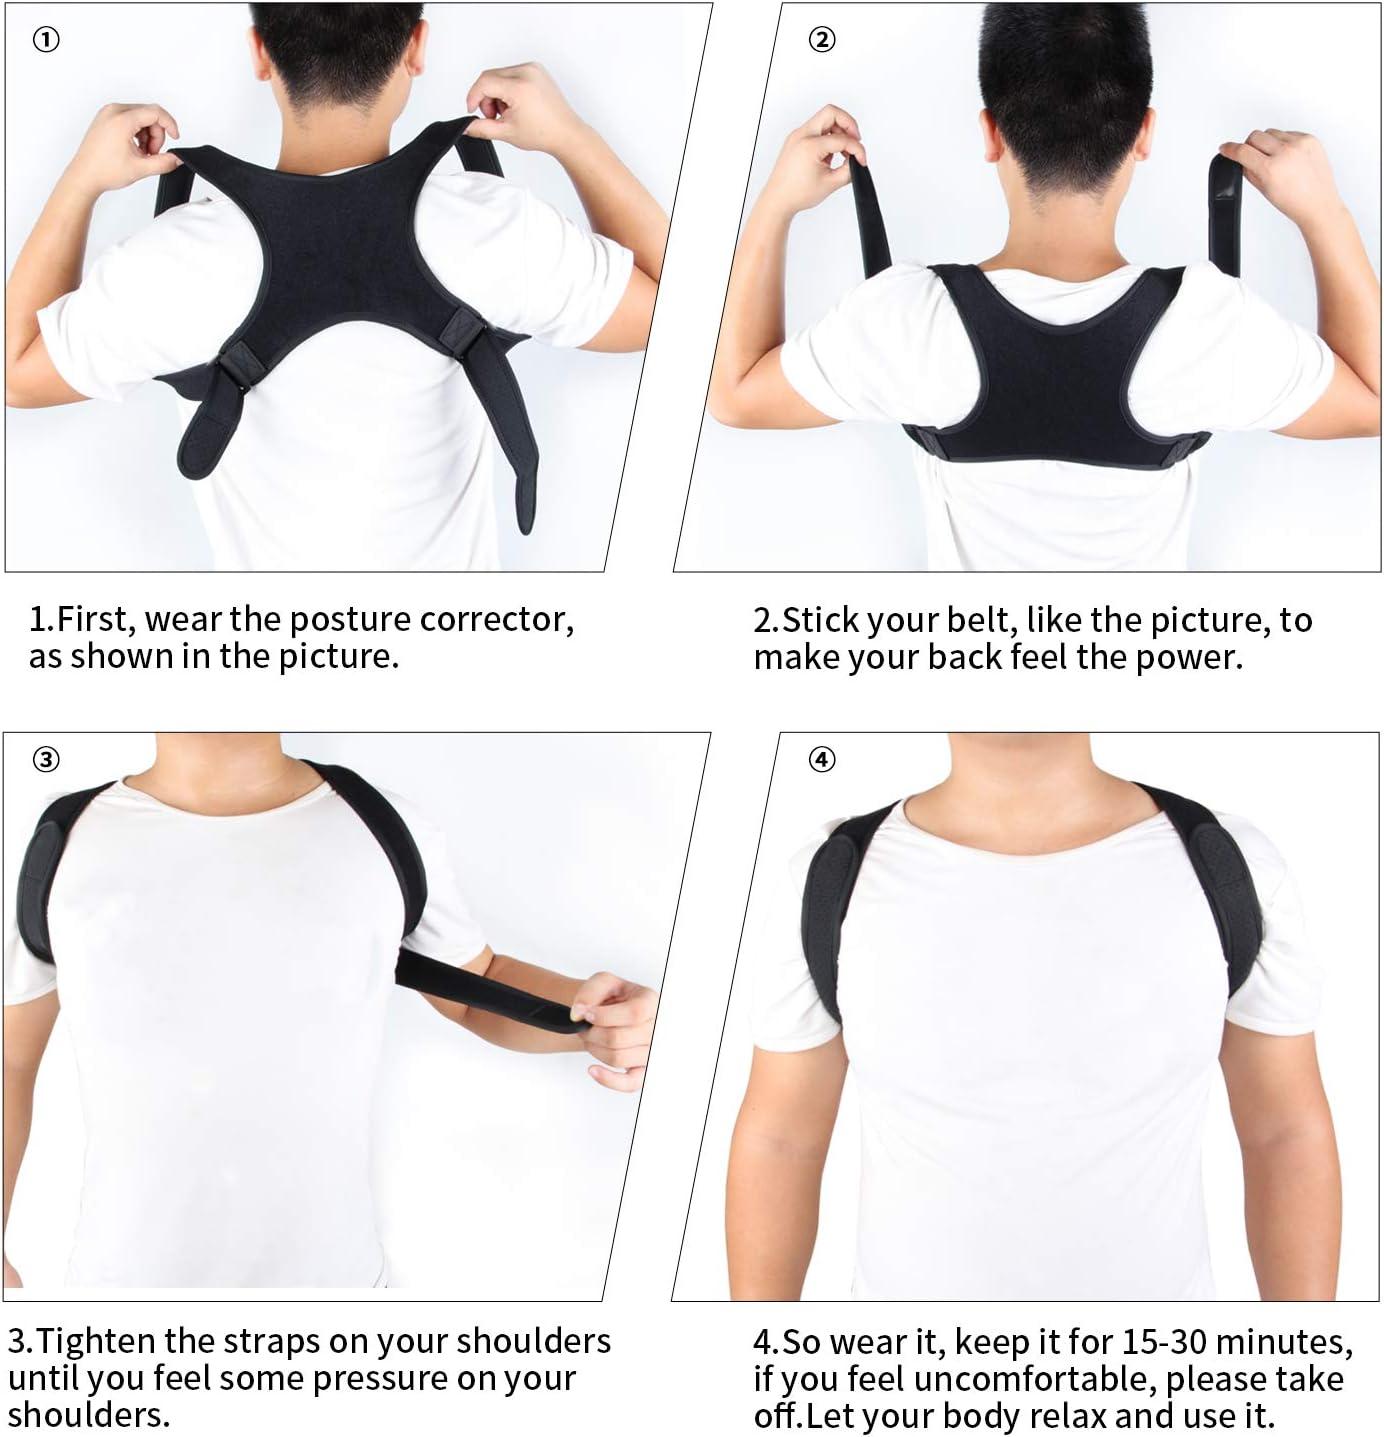 Regolabile e Traspirante Indietro a Fascia Postura Correzione Cintura Che Fornisce Sollievo dal Dolore per il Collo Schiena Spalle Correttore Posturale Spalle,Spalle Schiena Supporto per Uomo e Donna